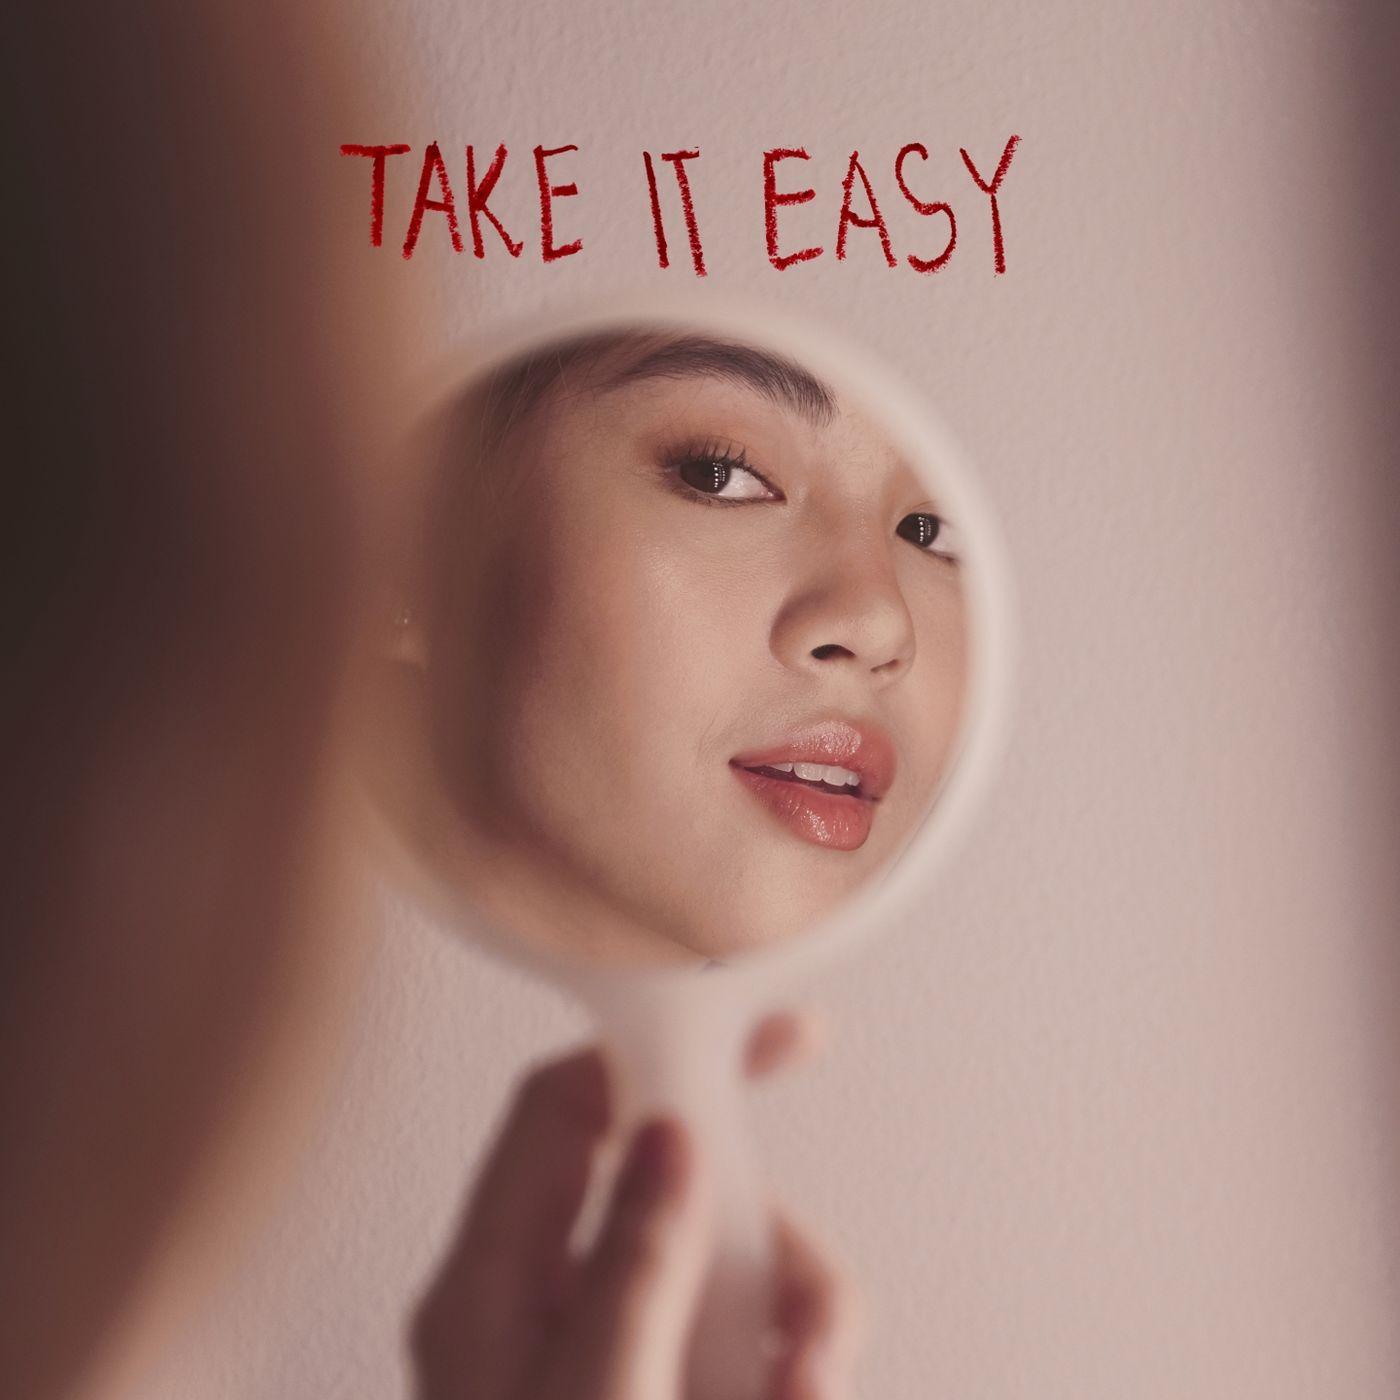 09e43f973 Janella Salvador - Take It Easy - 2019 Single - Solid OPM